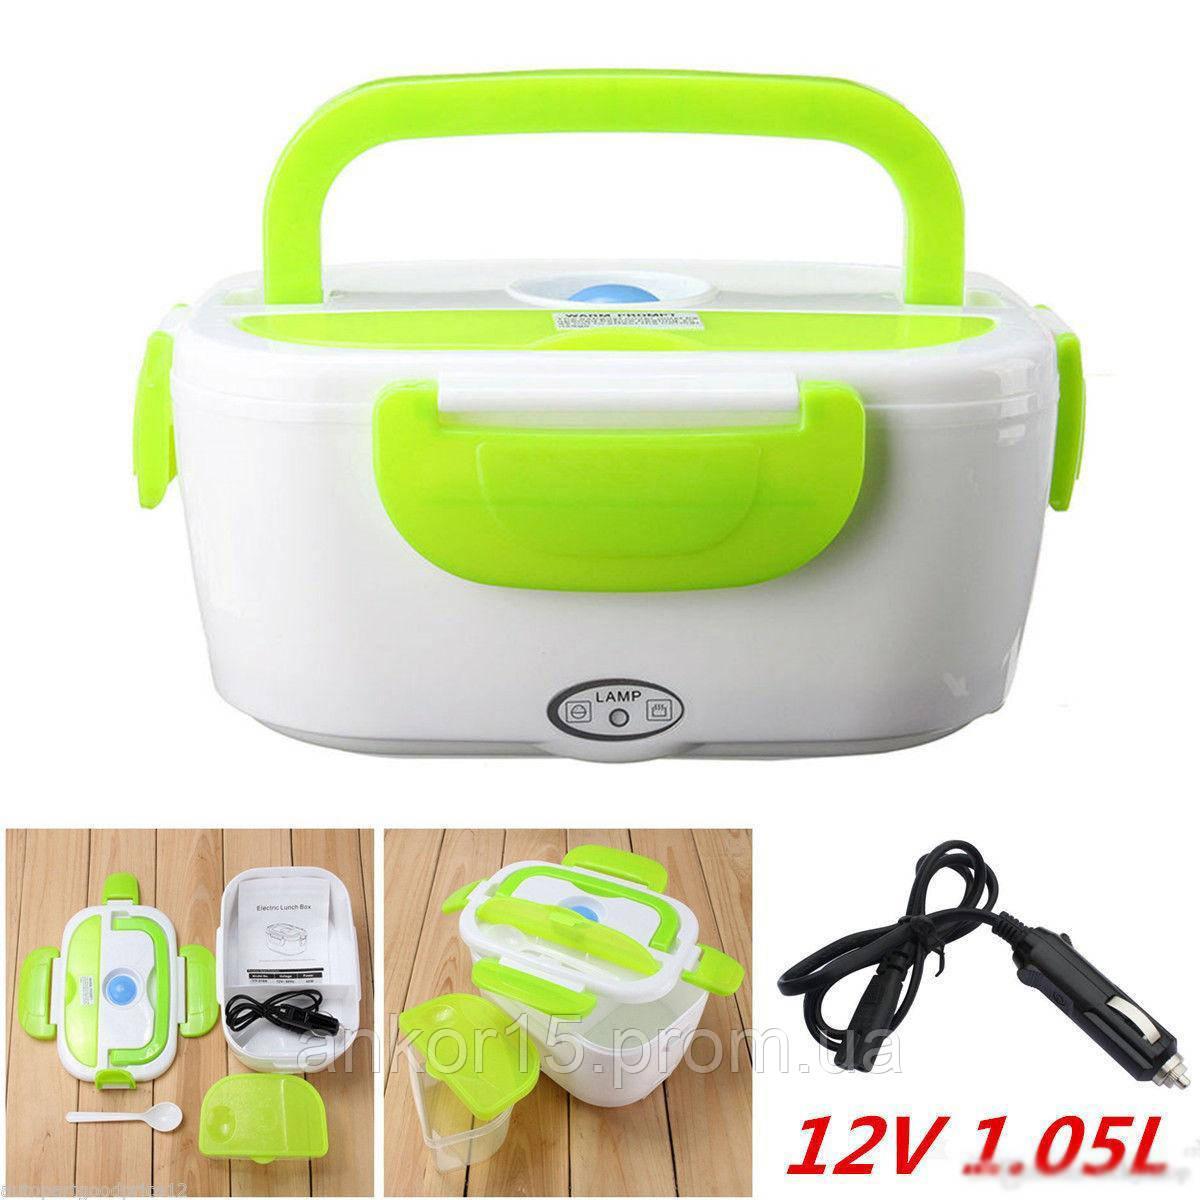 Термо ланч-бокс судочок з підігрівом 12V Electronic Lunchbox електричний